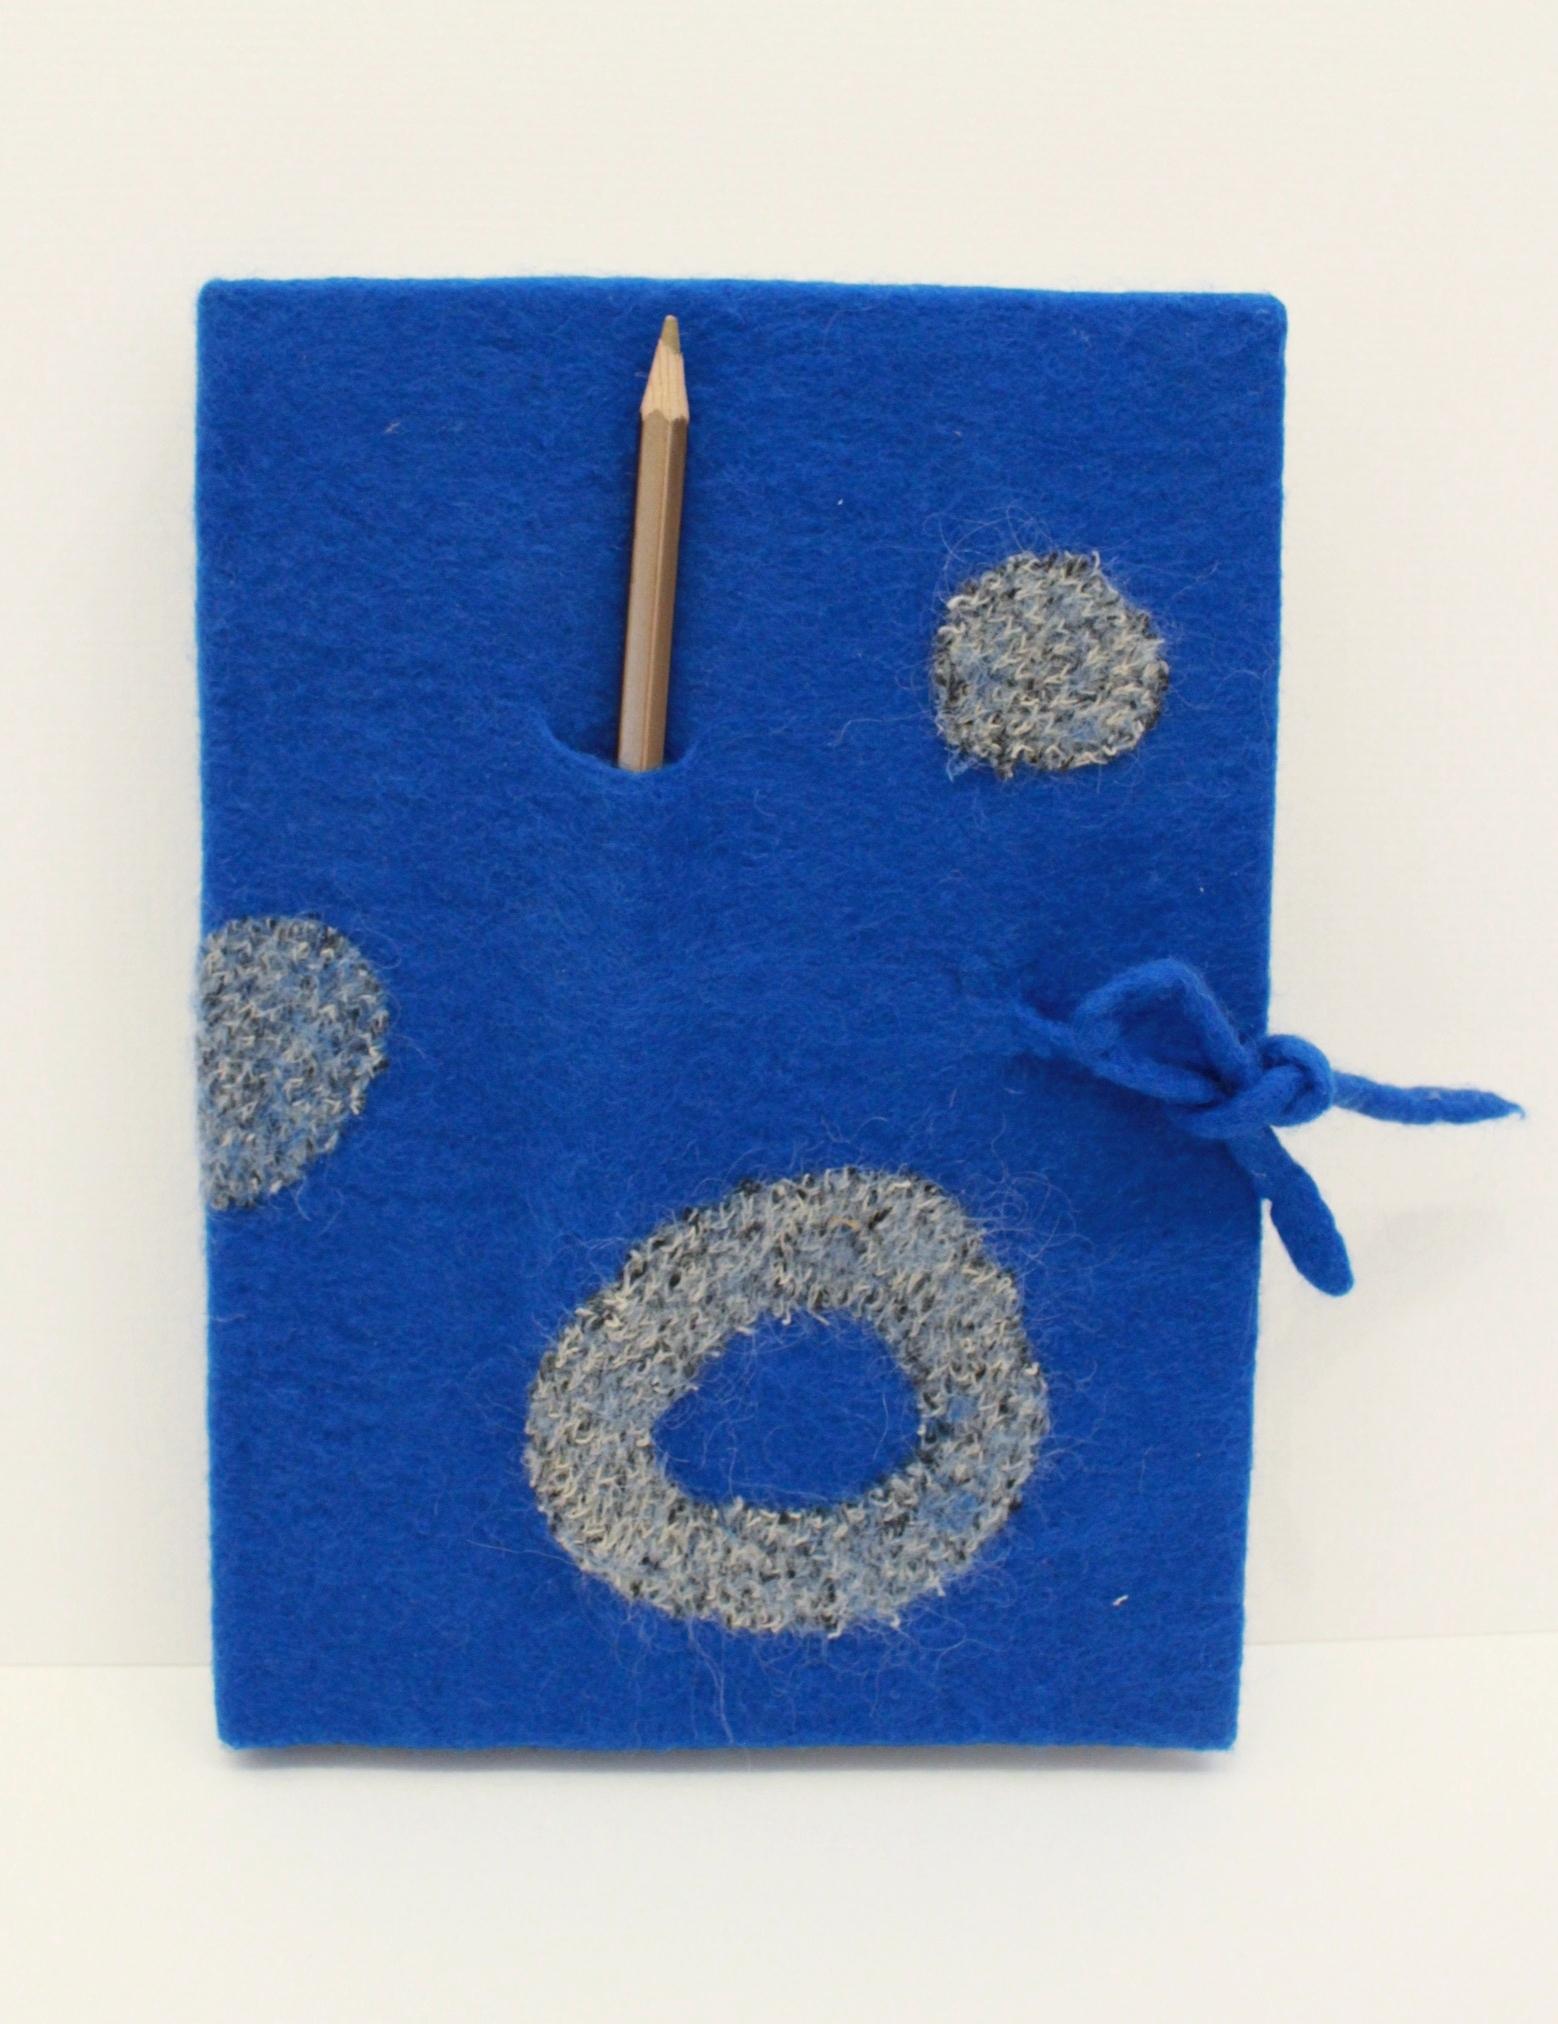 Notebook (detail) , Asta Gauronskyte, element15